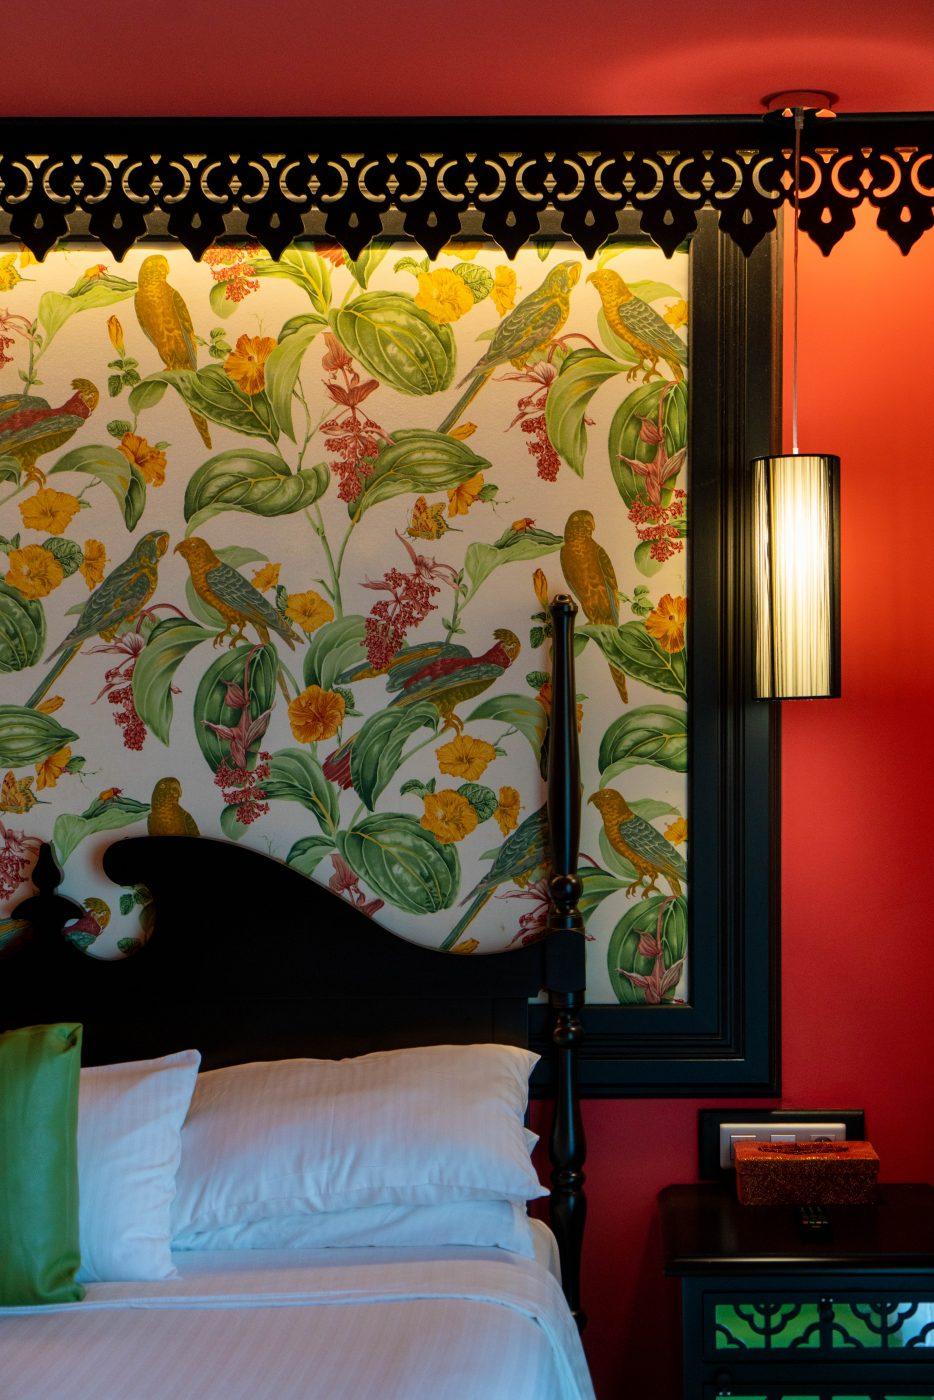 Villa Delisle Hotel & Spa: post-colonial charm in the heart of Saint-Pierre, La Réunion 3